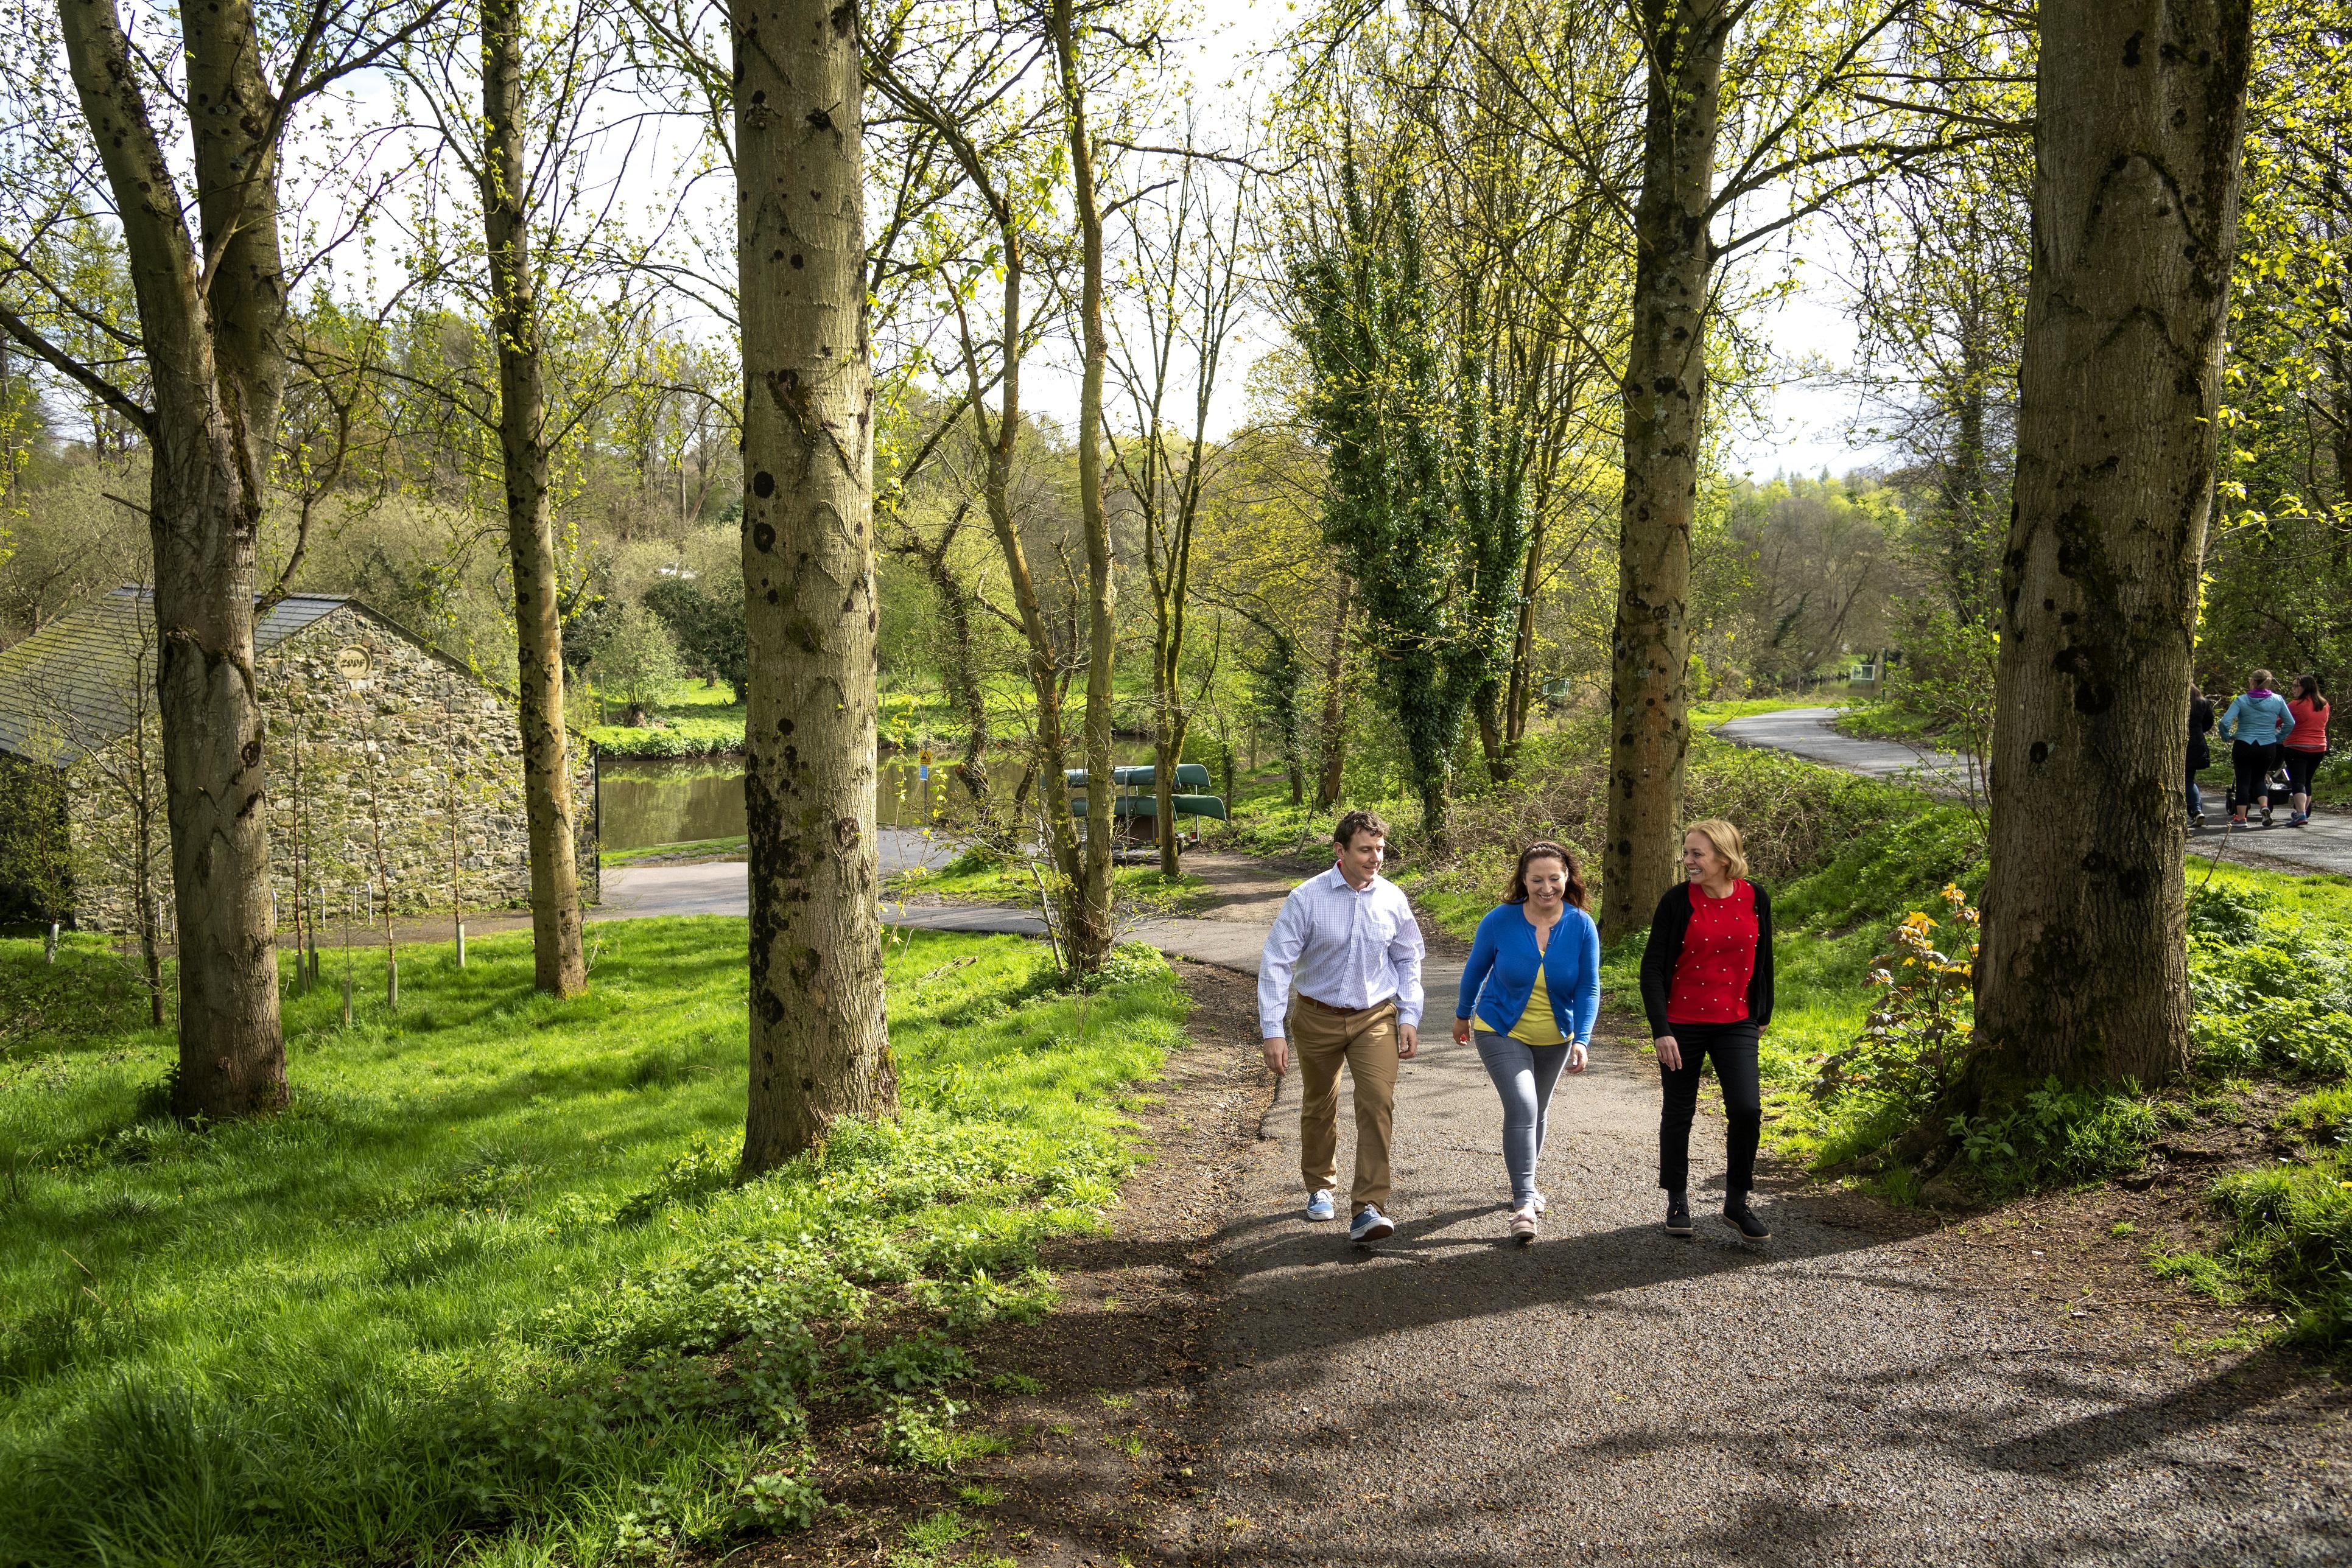 Lagan and Lough Cycle Way